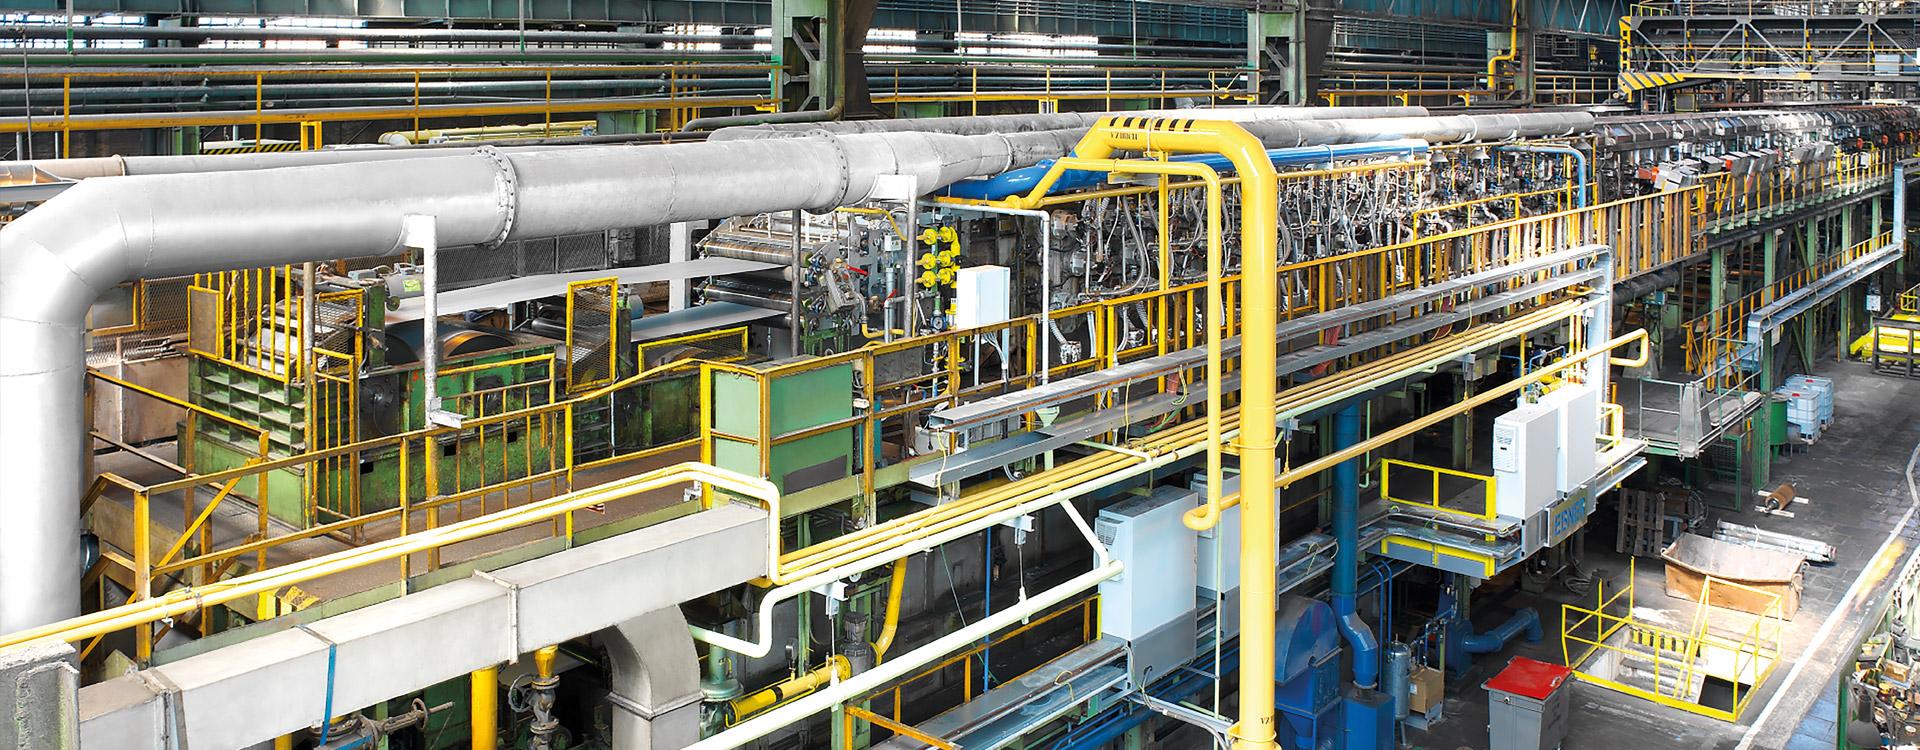 HICON/H2 ® decarburization line at GO Stalprodukt, Frydek-Mistek, Czech Republic